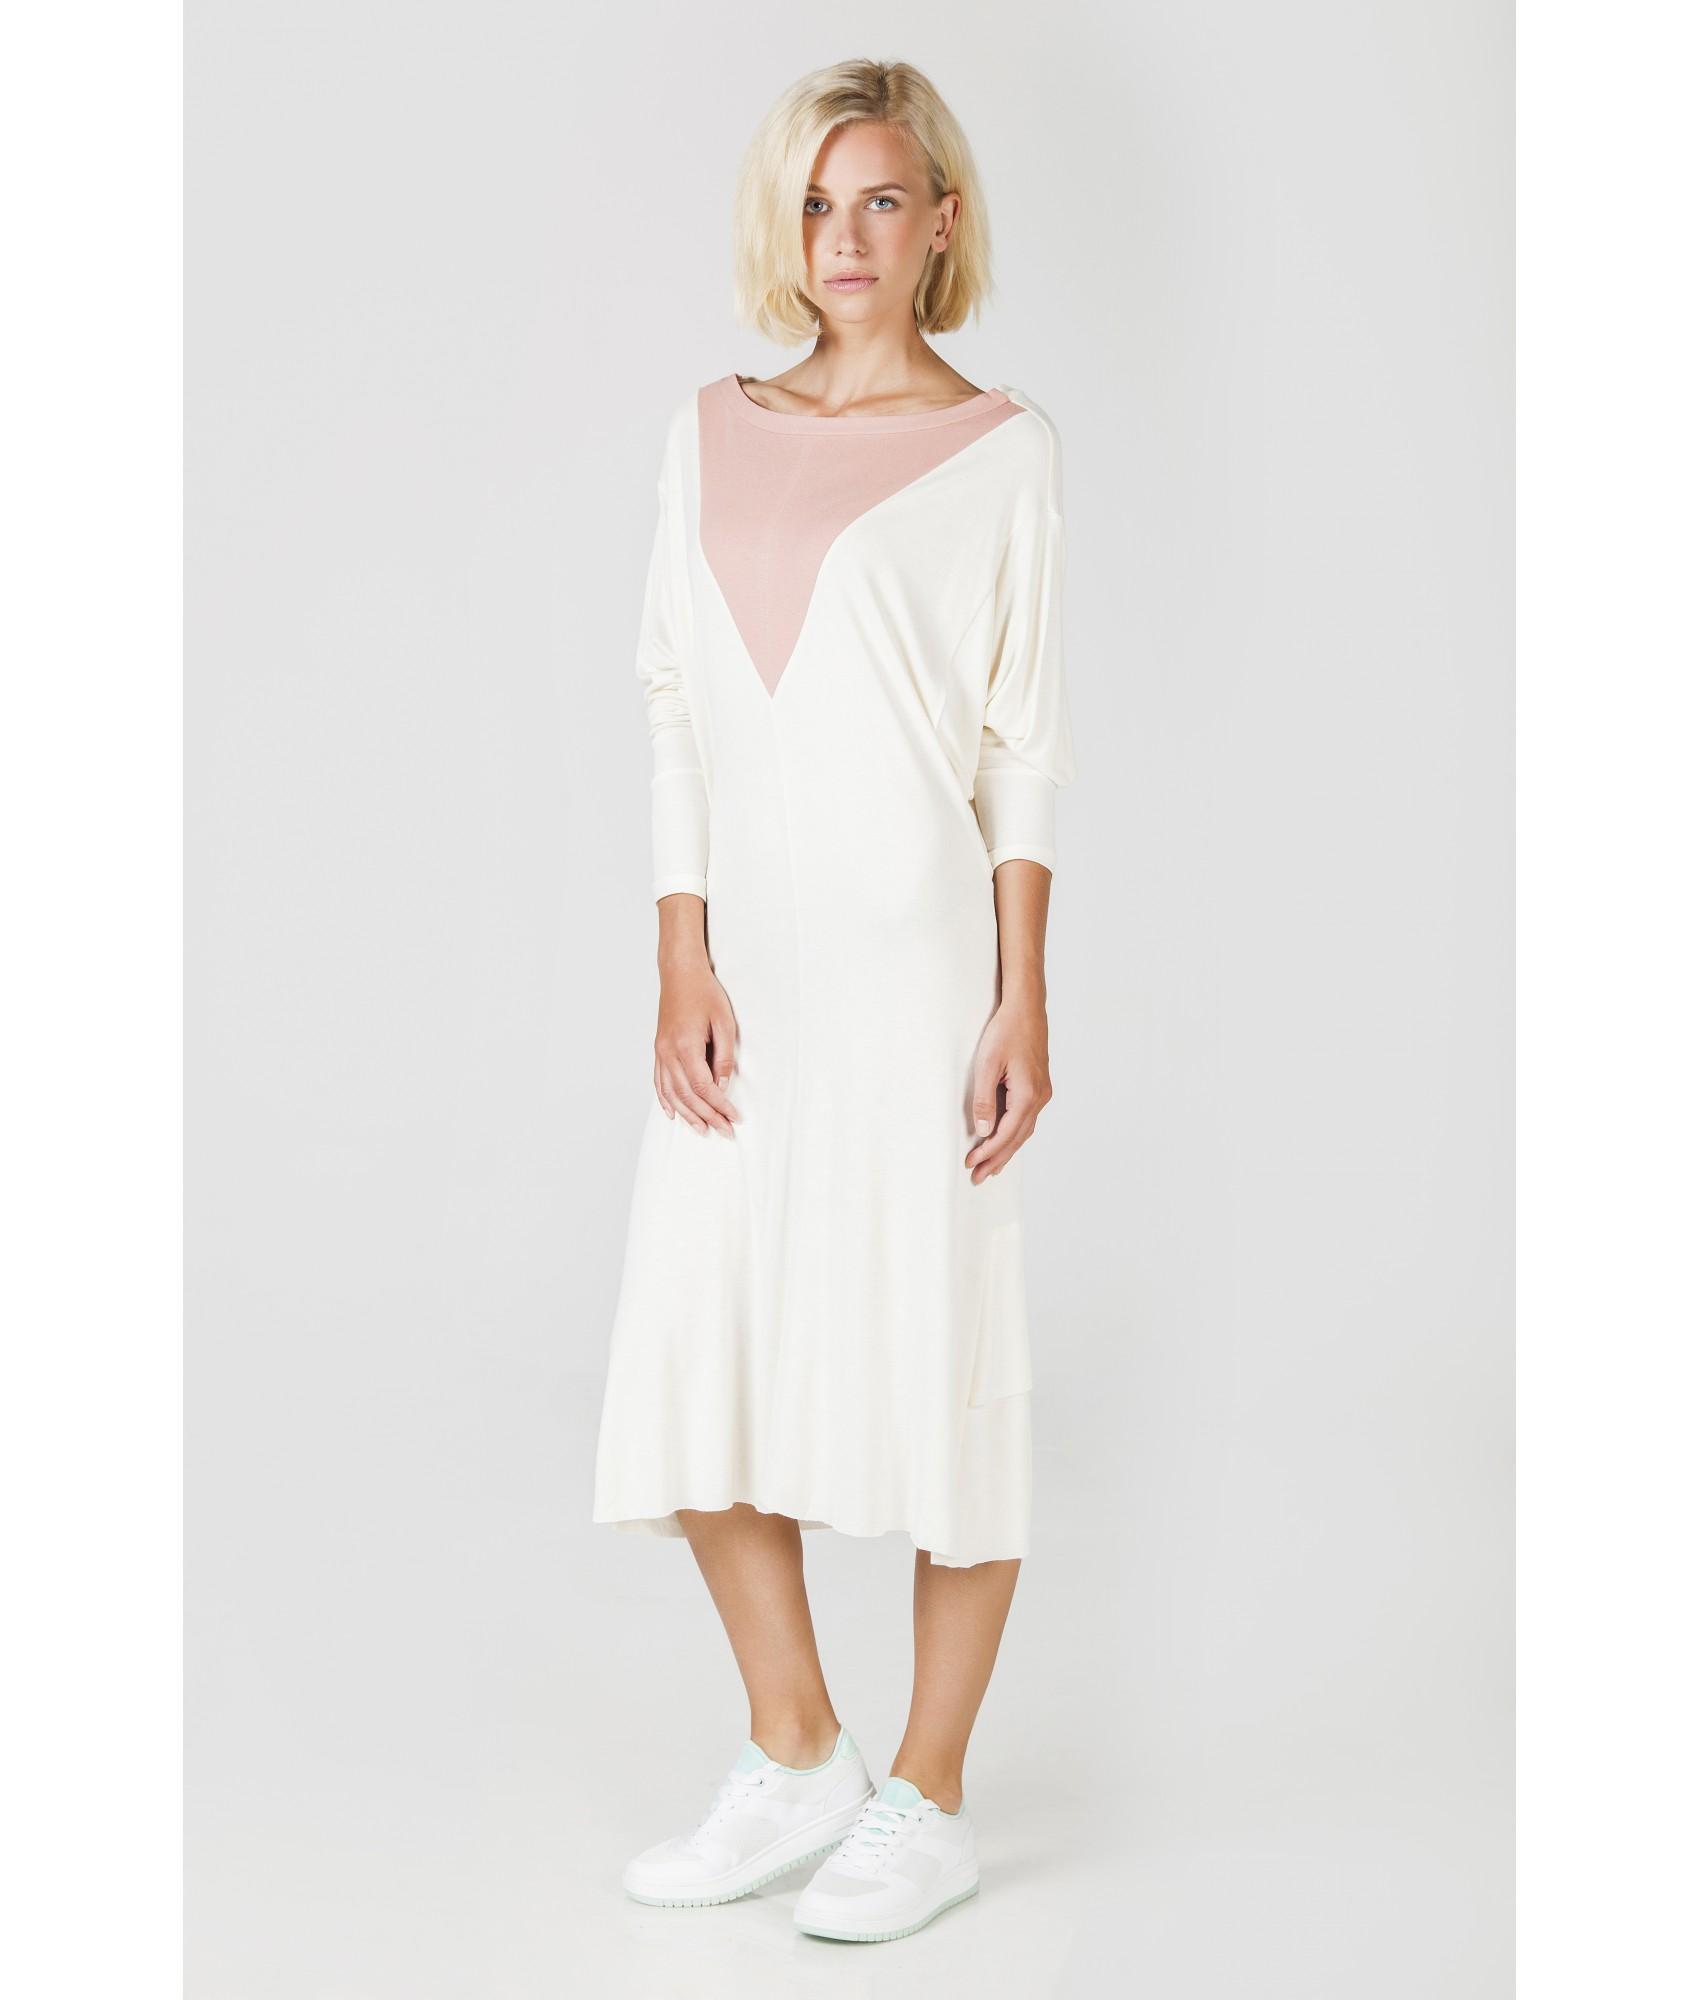 0d156b1f8a6f Bílé úpletové šaty ...